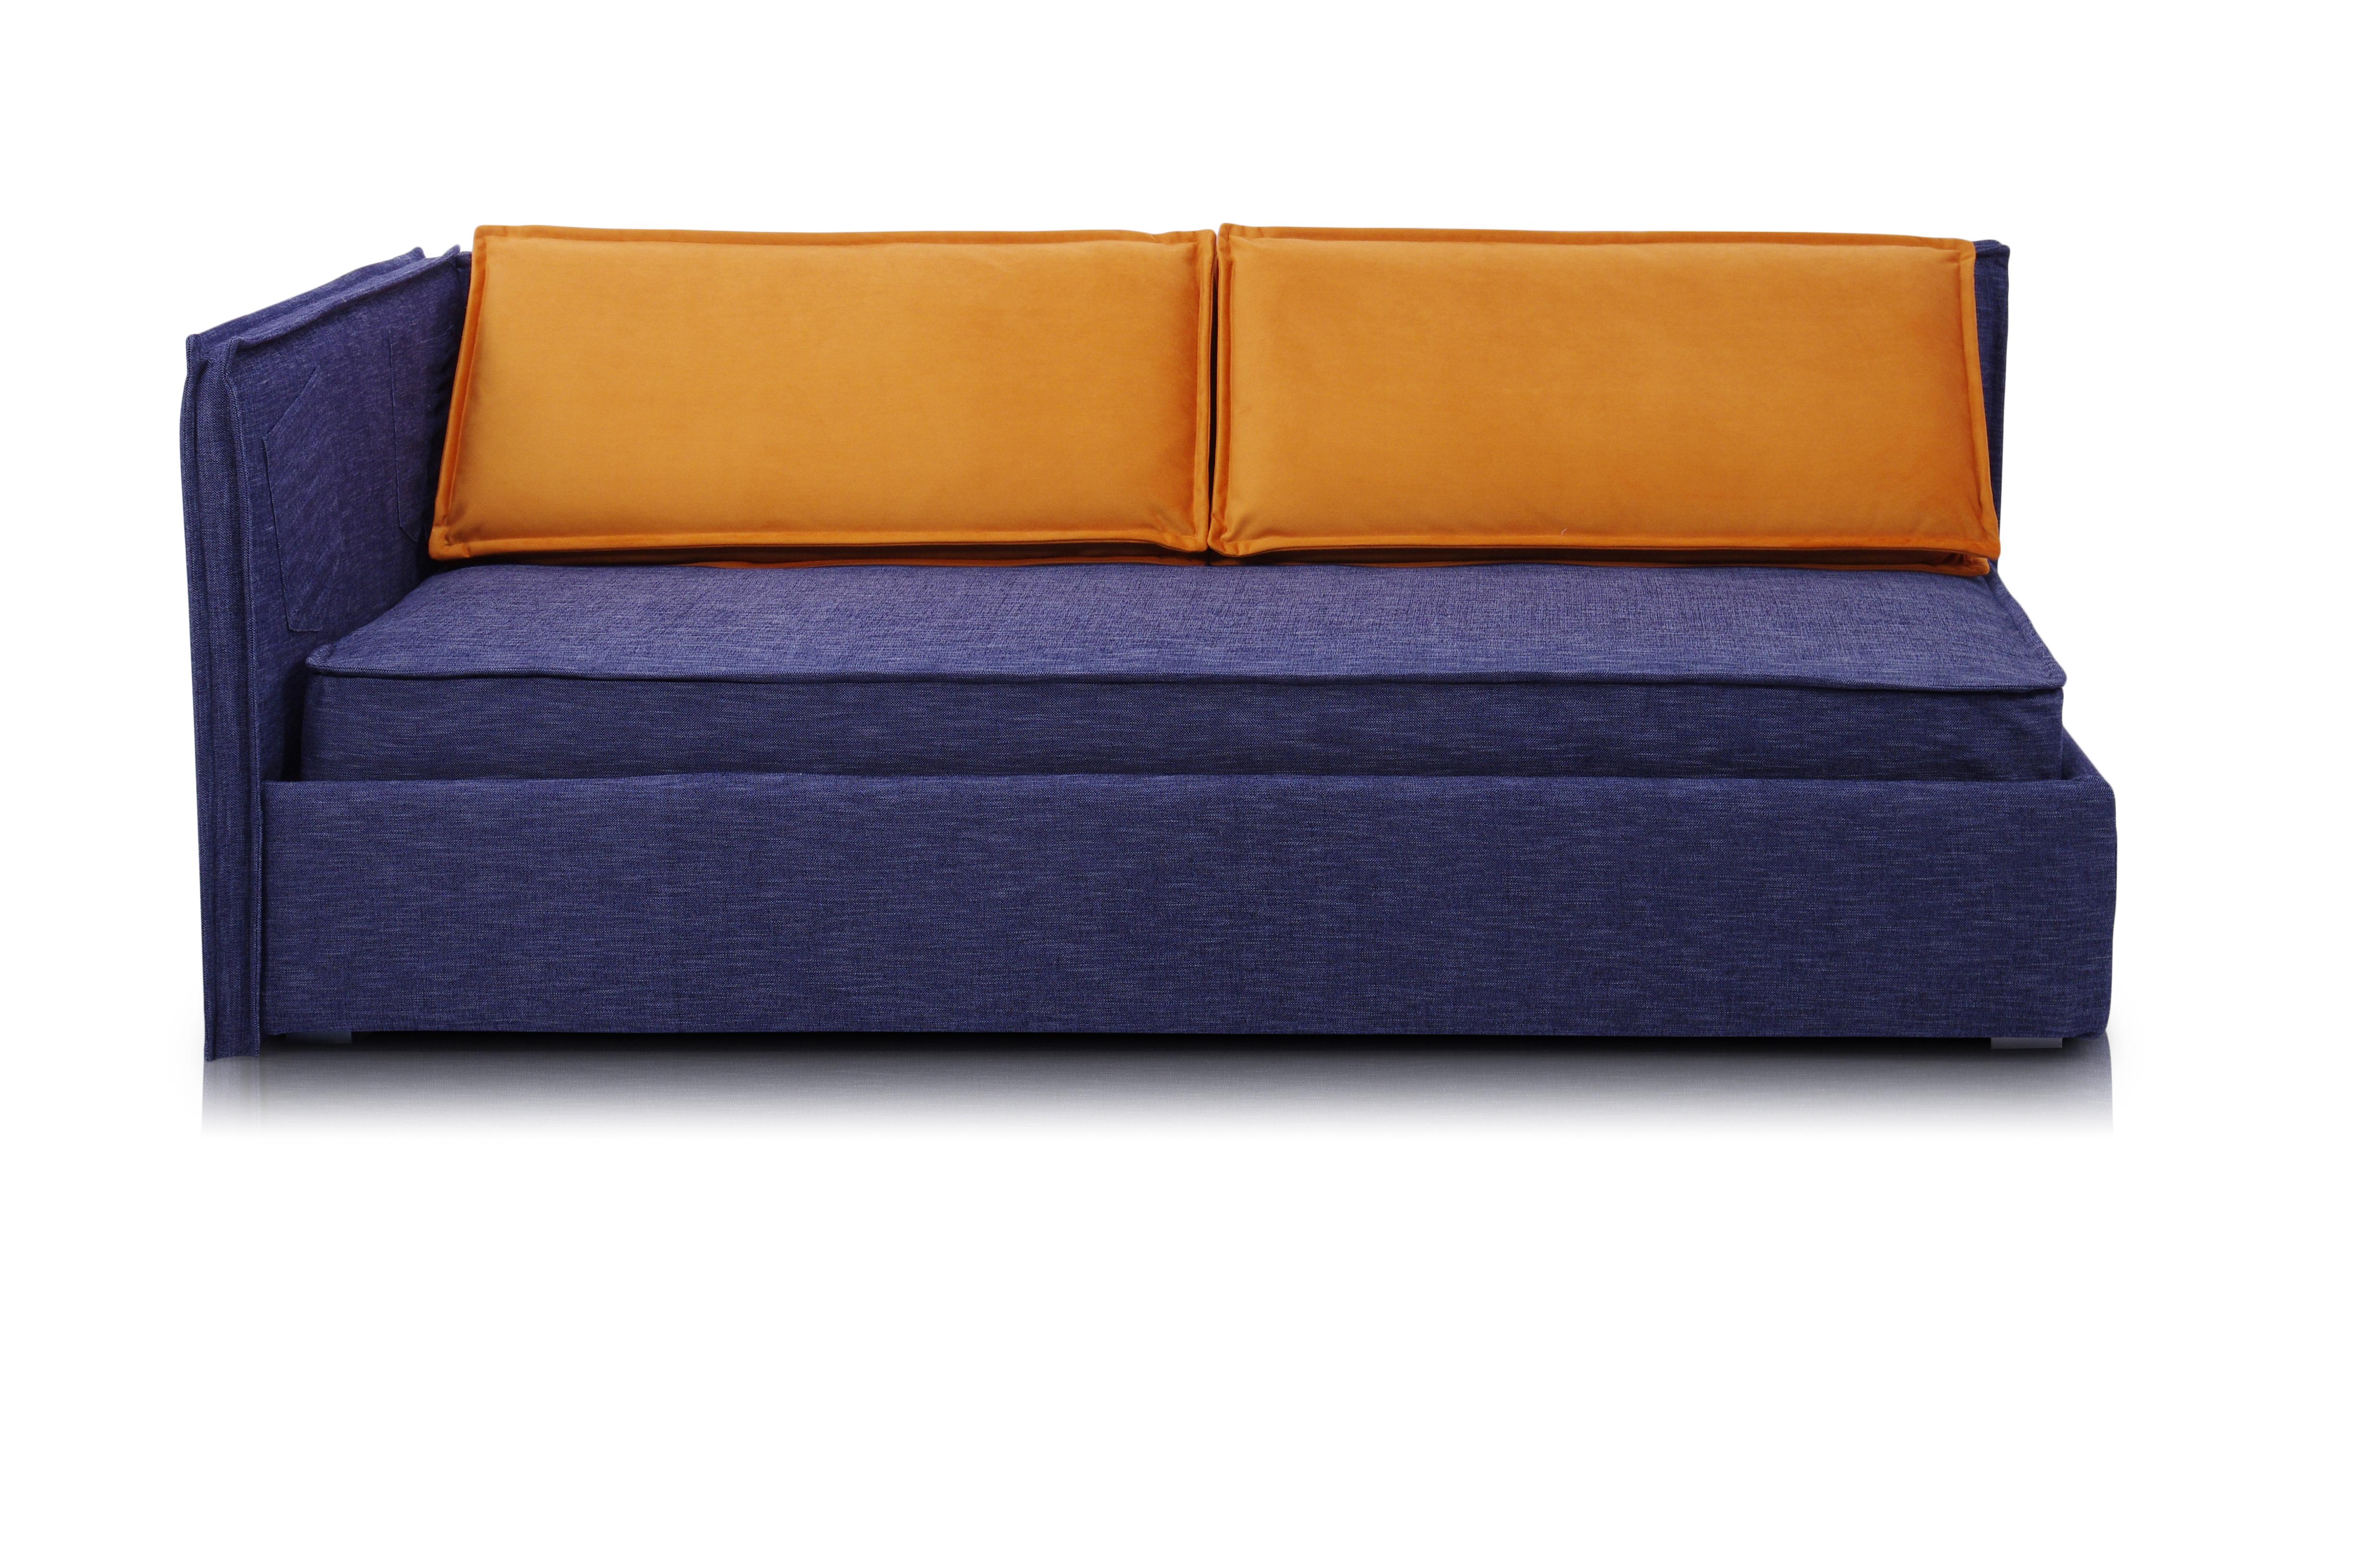 Диван SoloПрямые раскладные диваны<br>Кровать-диван  «Solo».                                                                                                                                                                                                                                                                                                                                                                                                                                                                                                    Штатный размер посадочного и спального места 200х120<br>Ортопедическое основание  входит в комплект <br>Ортопедический матрас в комплекте.<br>Декоративные подушки входят в комплект поставки<br>Элемент дизайна: отличается современным дизайном и высокой функциональностью. Он занимает мало места и способен вписаться в помещение,оформленное в любом стиле <br>Цвет синий Denim<br>Все чехлы съемные на липучках (можно чистить) <br>Требуется сборка.&amp;lt;div&amp;gt;&amp;lt;br&amp;gt;&amp;lt;/div&amp;gt;&amp;lt;div&amp;gt;Опции:&amp;lt;/div&amp;gt;&amp;lt;div&amp;gt;Варианты спальных мест&amp;amp;nbsp;&amp;lt;/div&amp;gt;&amp;lt;div&amp;gt;200x90&amp;amp;nbsp;&amp;lt;/div&amp;gt;&amp;lt;div&amp;gt;190х90&amp;lt;/div&amp;gt;&amp;lt;div&amp;gt;200x100&amp;amp;nbsp;&amp;lt;/div&amp;gt;&amp;lt;div&amp;gt;190x100&amp;amp;nbsp;&amp;lt;/div&amp;gt;&amp;lt;div&amp;gt;190x120&amp;amp;nbsp;&amp;lt;/div&amp;gt;&amp;lt;div&amp;gt;Возможна установка подъемного механизма.&amp;lt;/div&amp;gt;&amp;lt;div&amp;gt;Цены на опции уточняйте у менеджеров.&amp;lt;/div&amp;gt;<br><br>Material: Текстиль<br>Ширина см: 210<br>Высота см: 90<br>Глубина см: 130